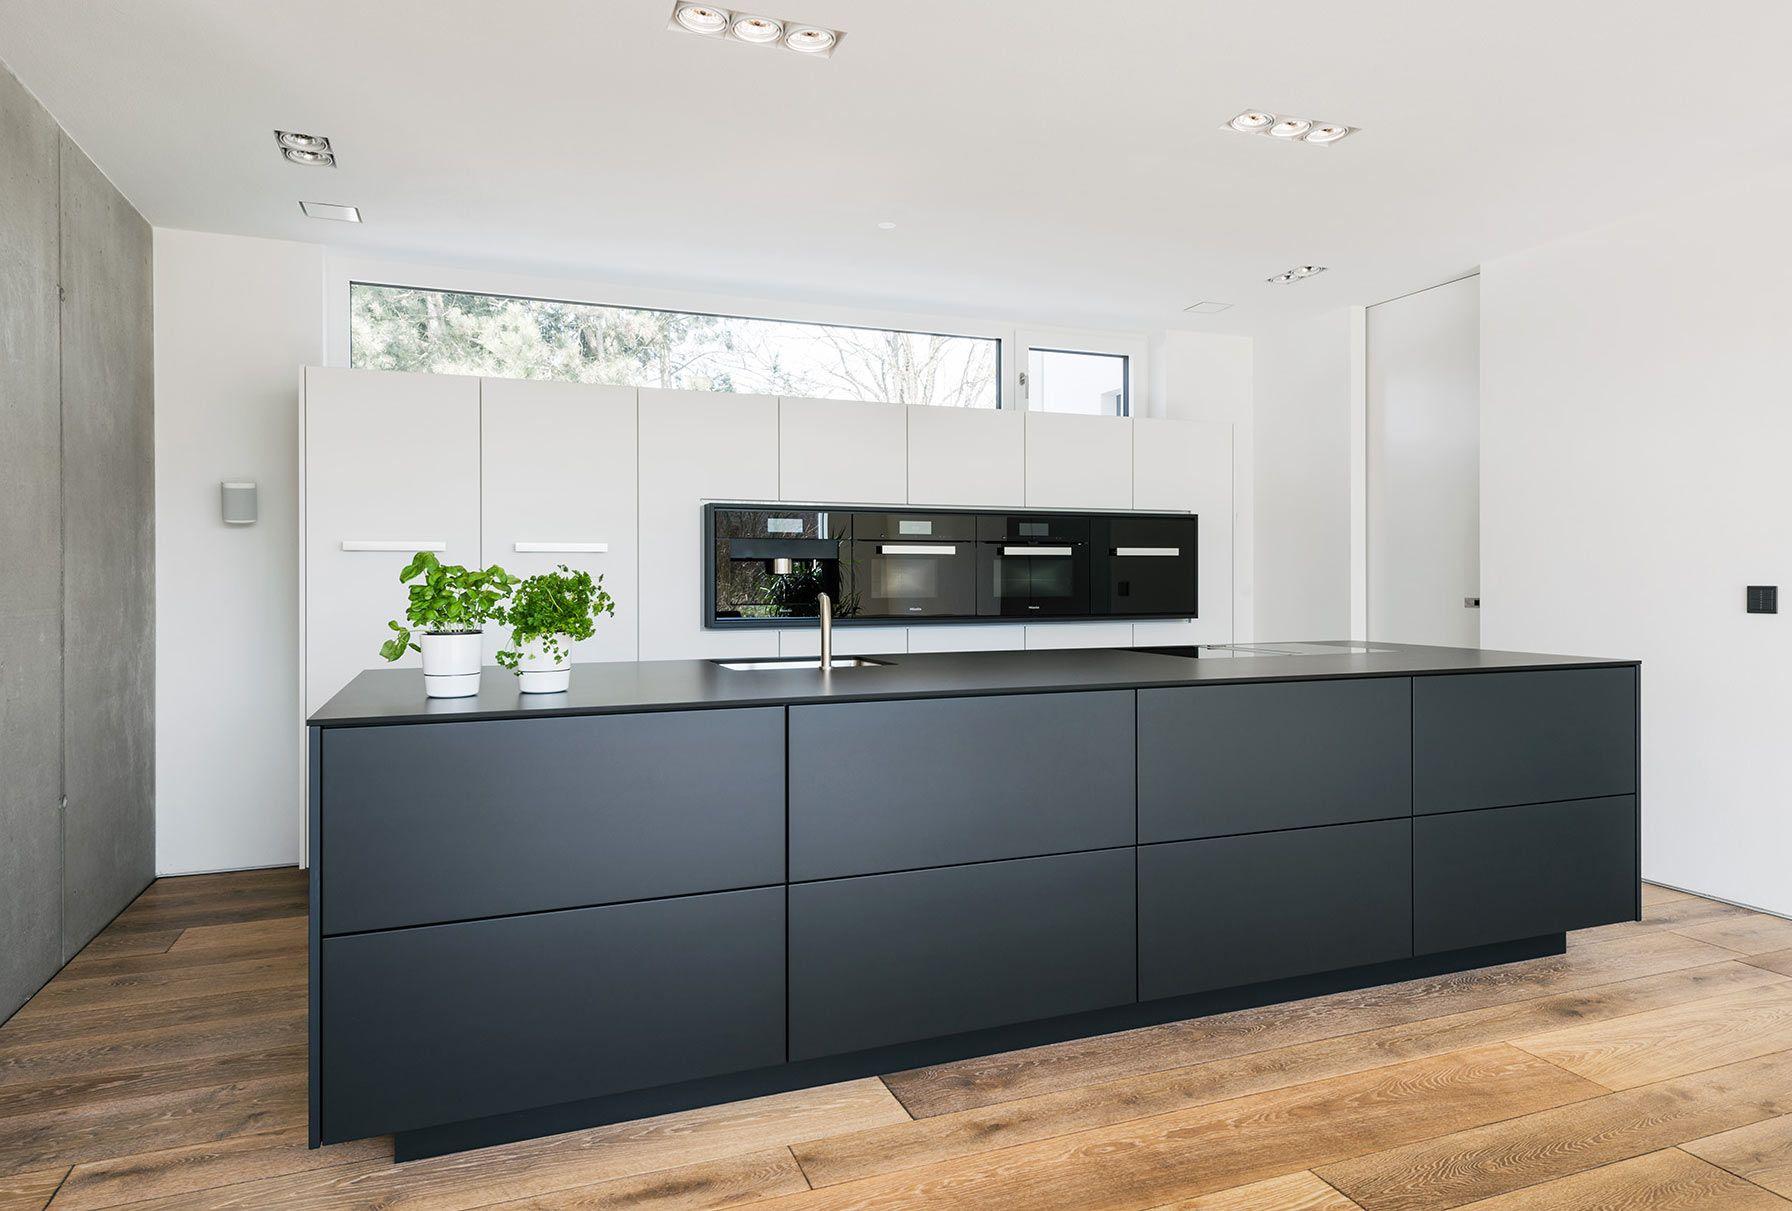 Küchenideen grau die küche in schwarz weiß harmoniert perfekt mit dem eichenparkett